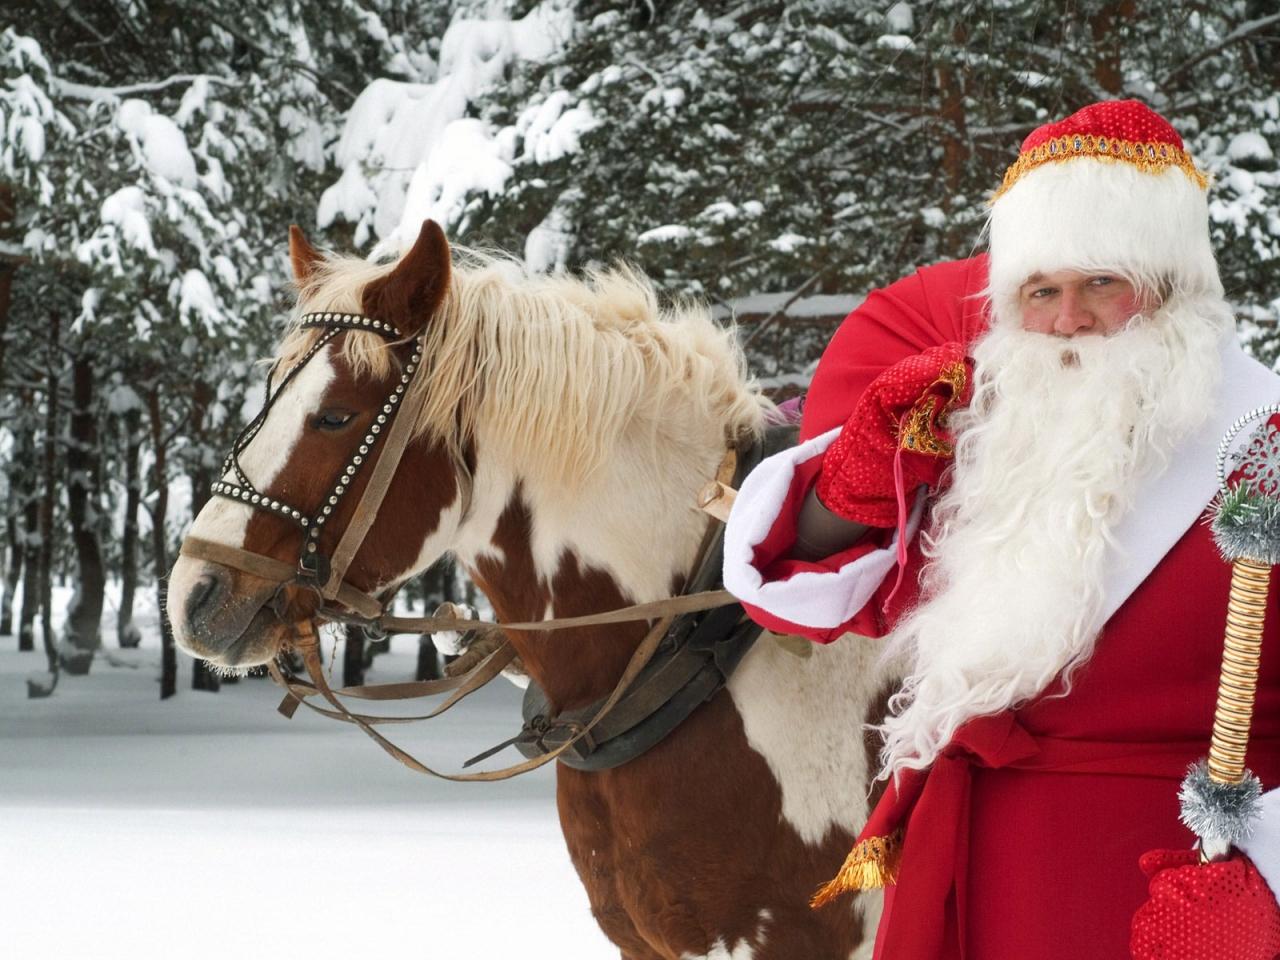 Santa Claus y un caballo - 1280x960